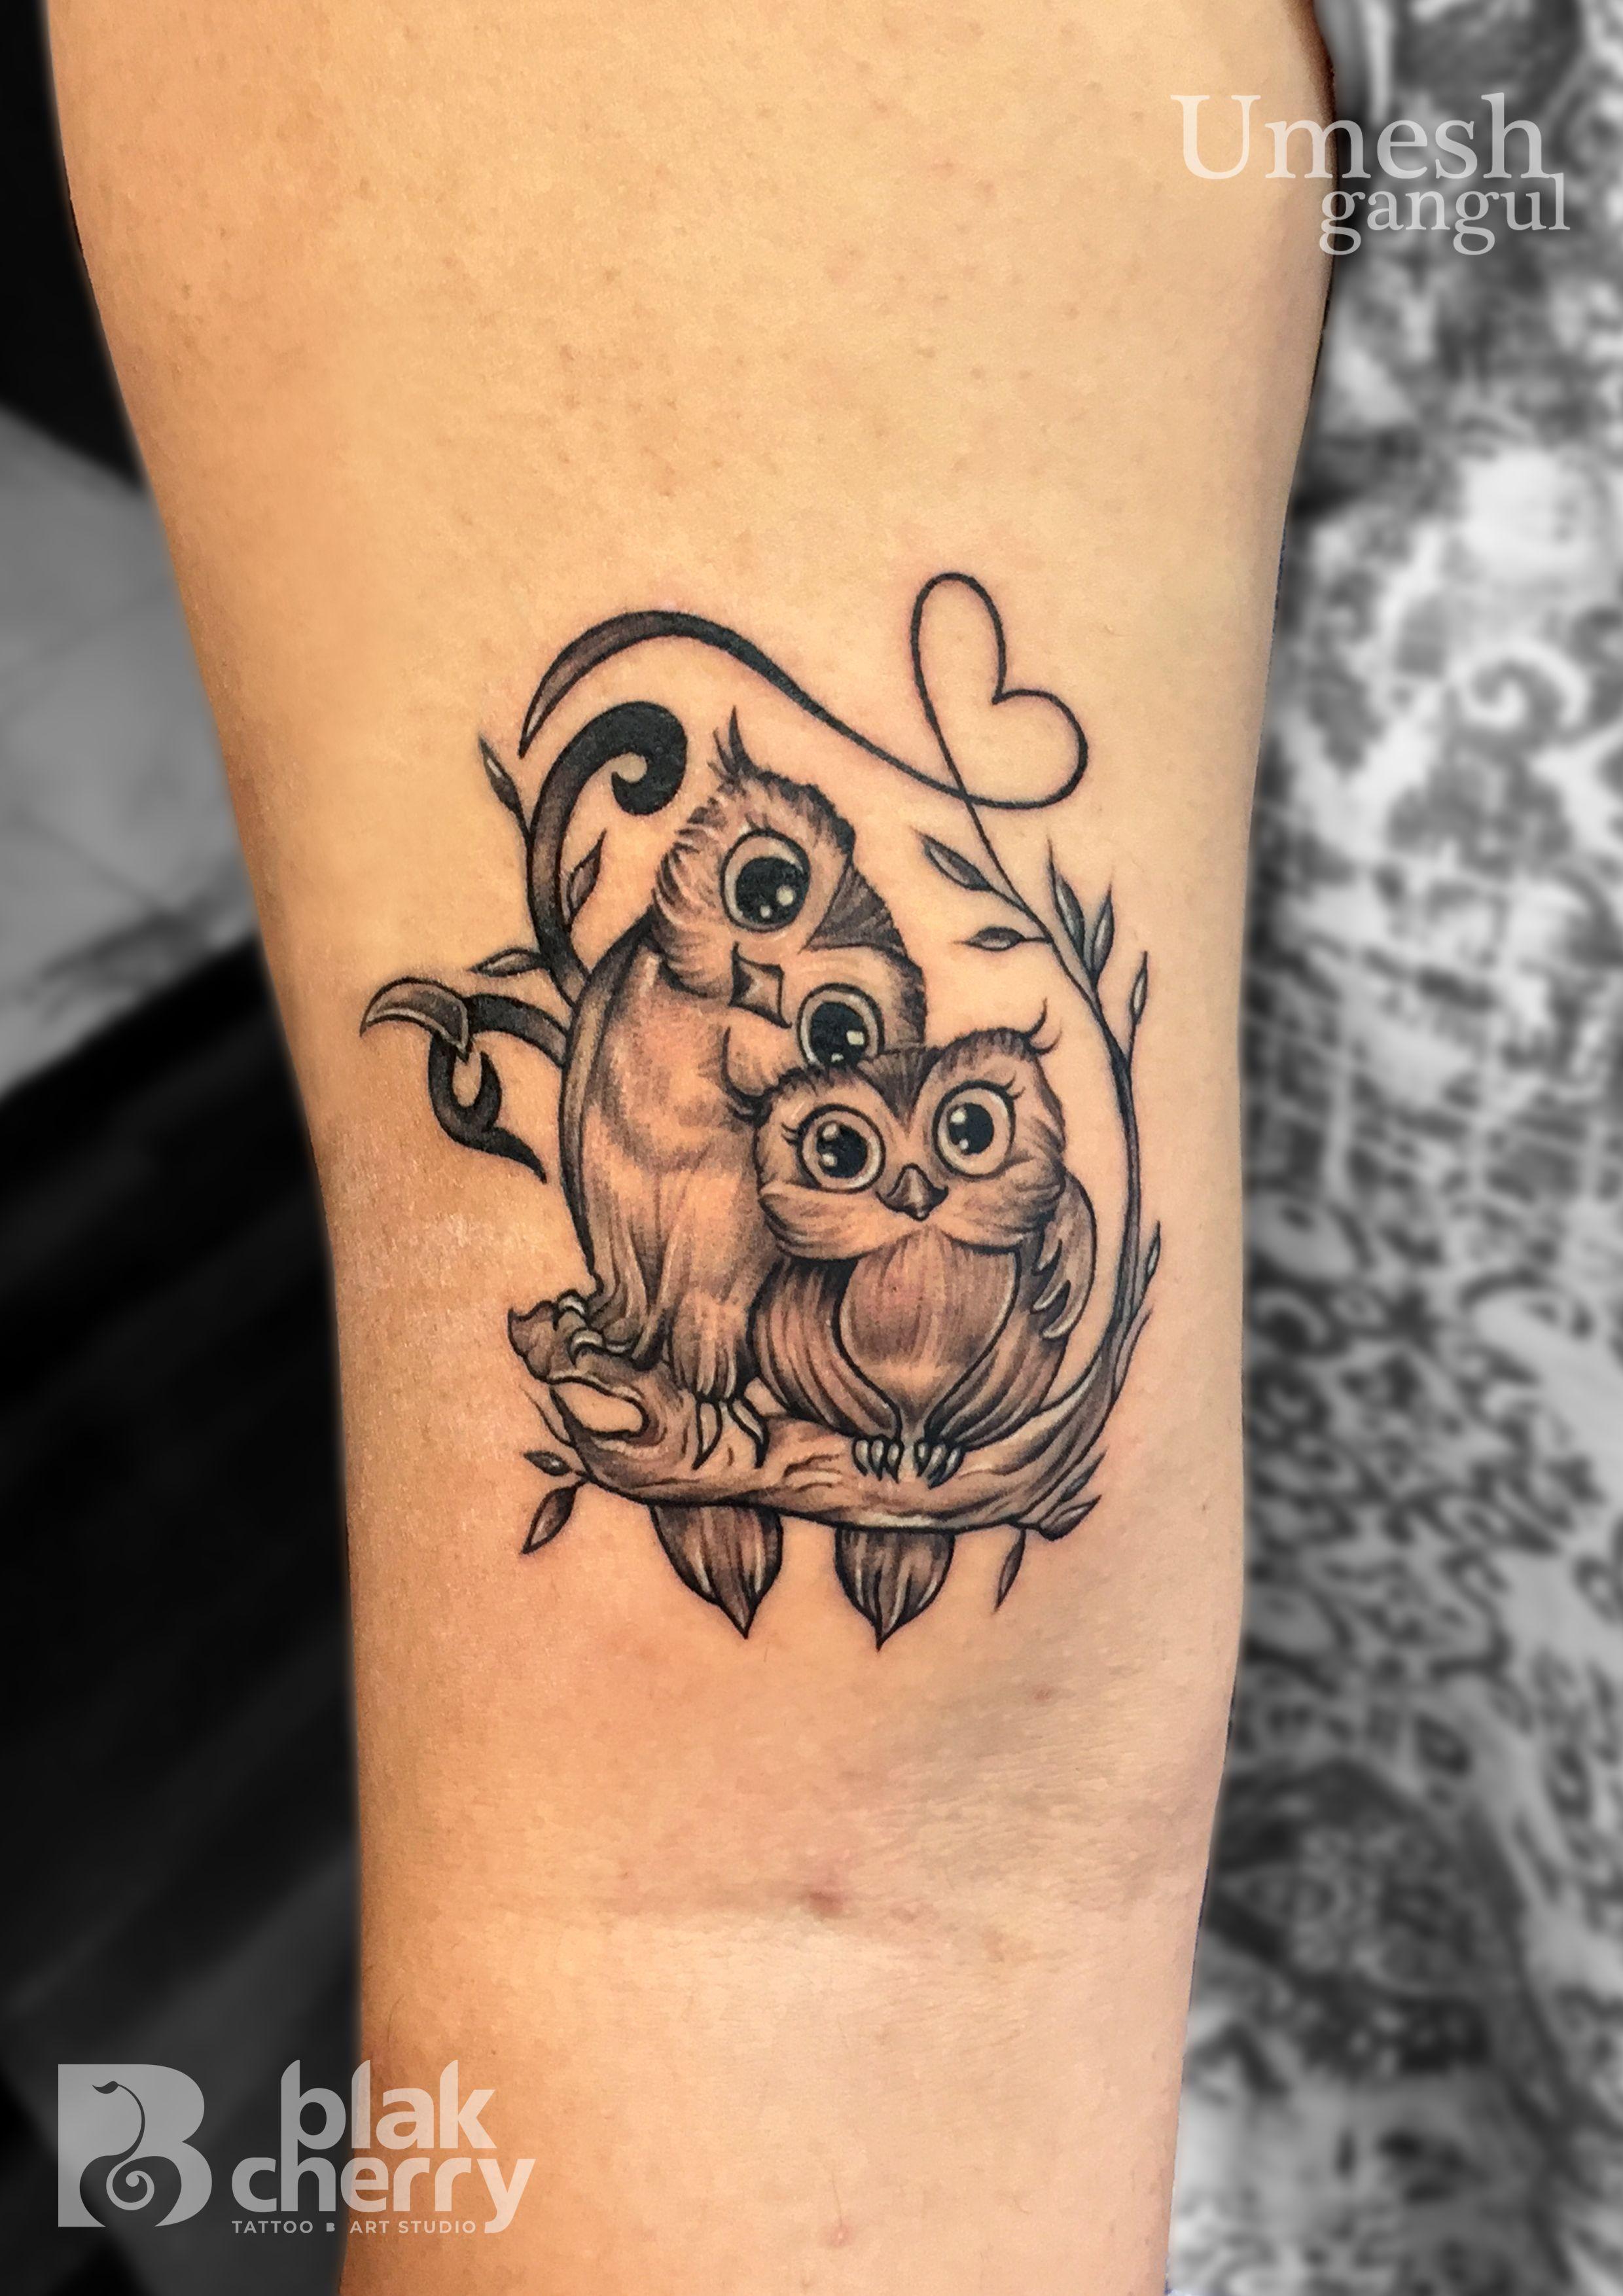 Girly Owl Tattoo : girly, tattoo, Tattoo, #blakcherry, Studio, #ahmednagar, Tattoo,, Tattoos,, Tattoos, Daughters